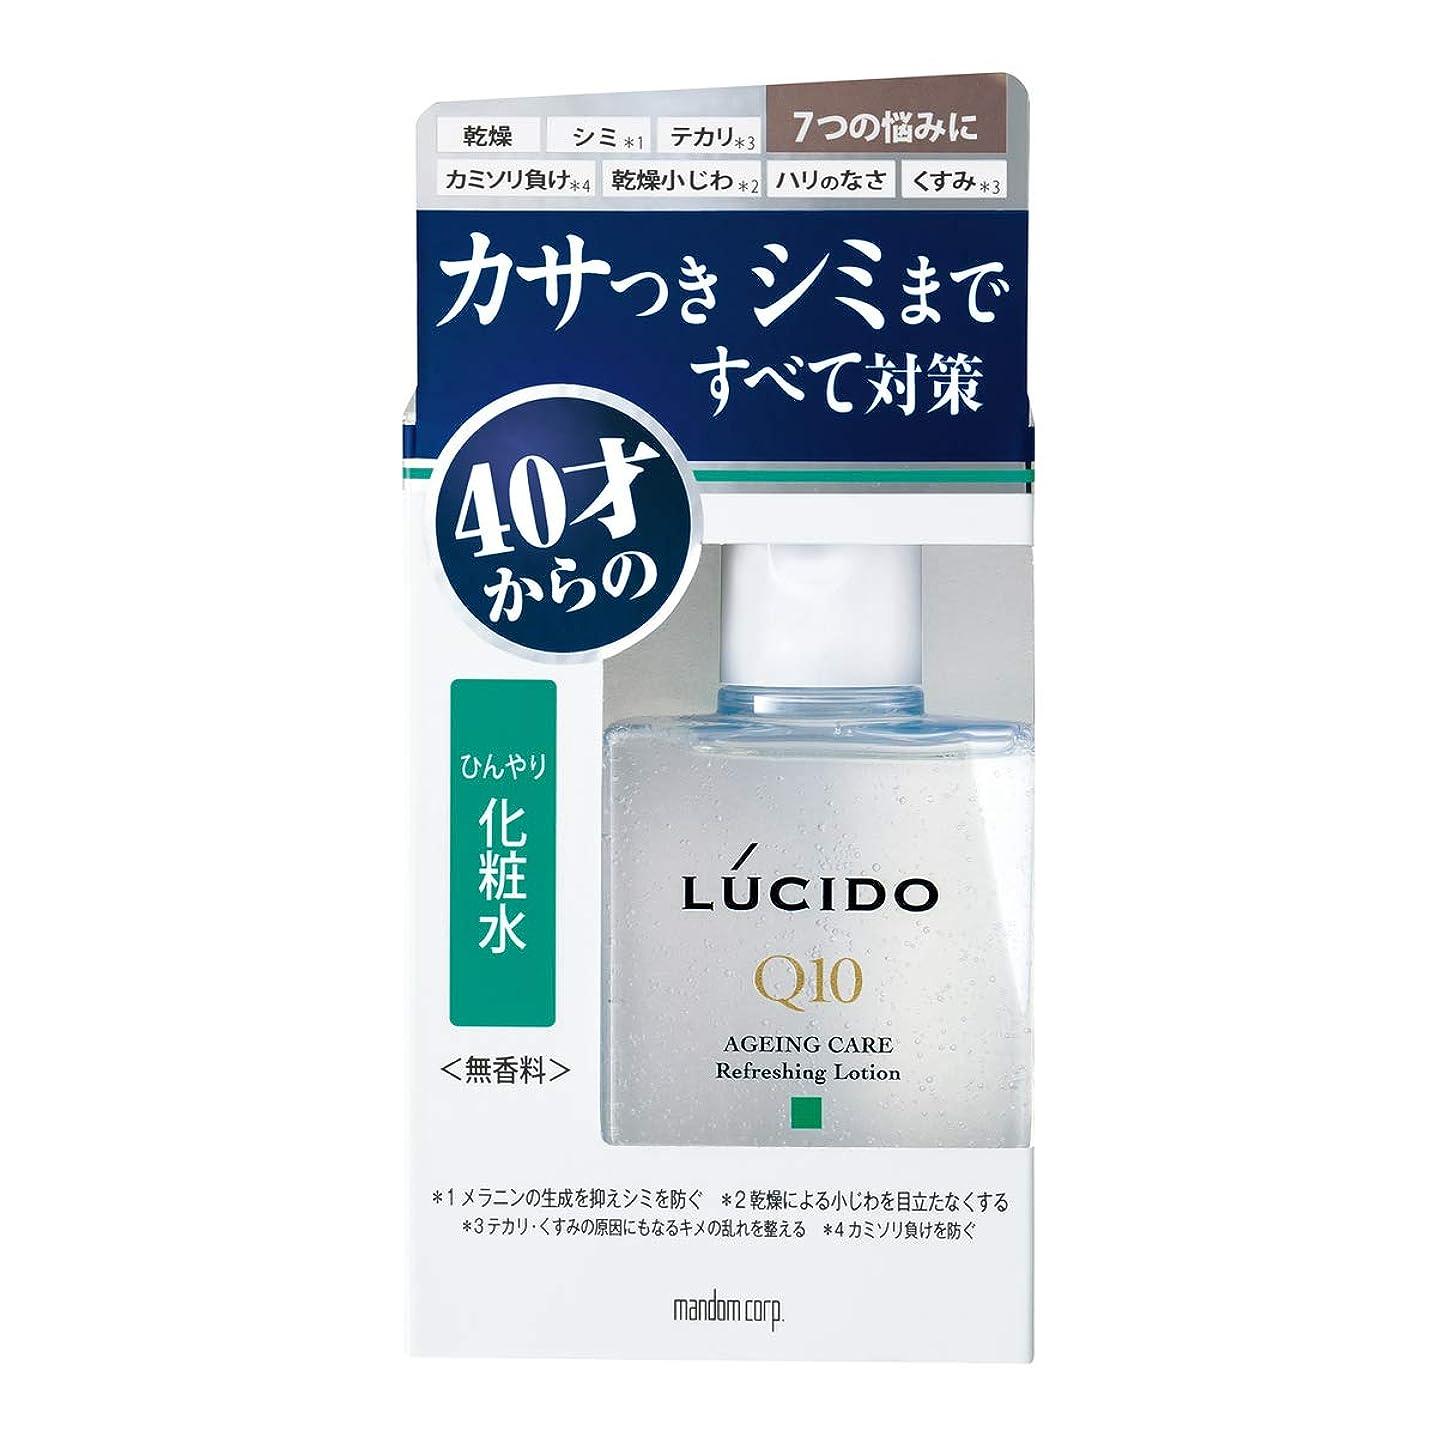 キャンドル吸う冗長ルシード(LUCIDO)薬用 トータルケアひんやり化粧水 メンズ スキンケア さっぱり 110ml(医薬部外品)